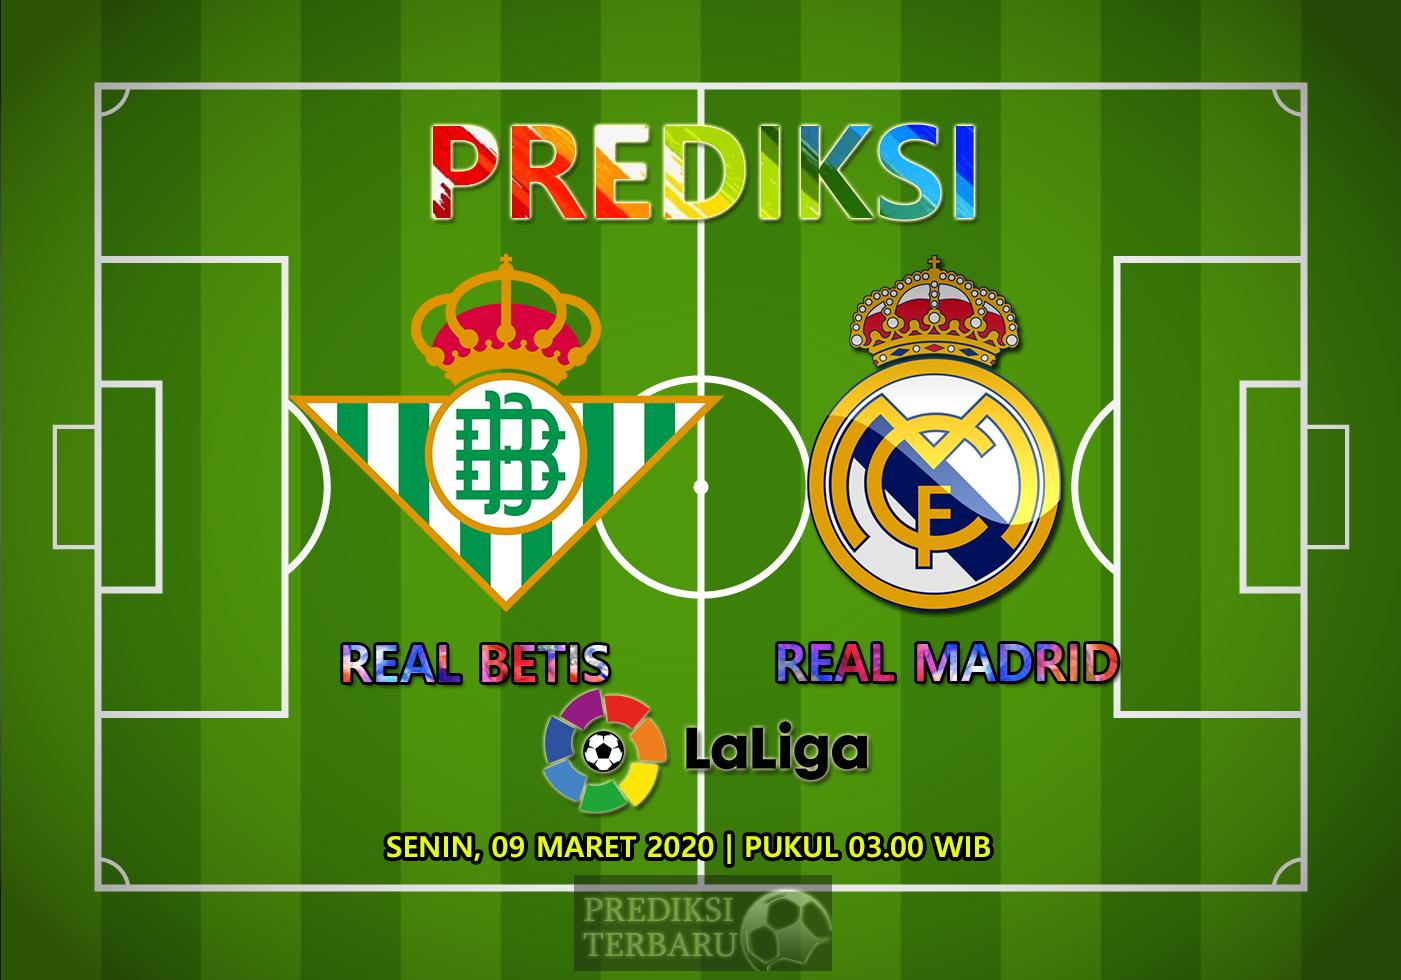 Prediksi Real Betis Vs Real Madrid Senin 09 Maret